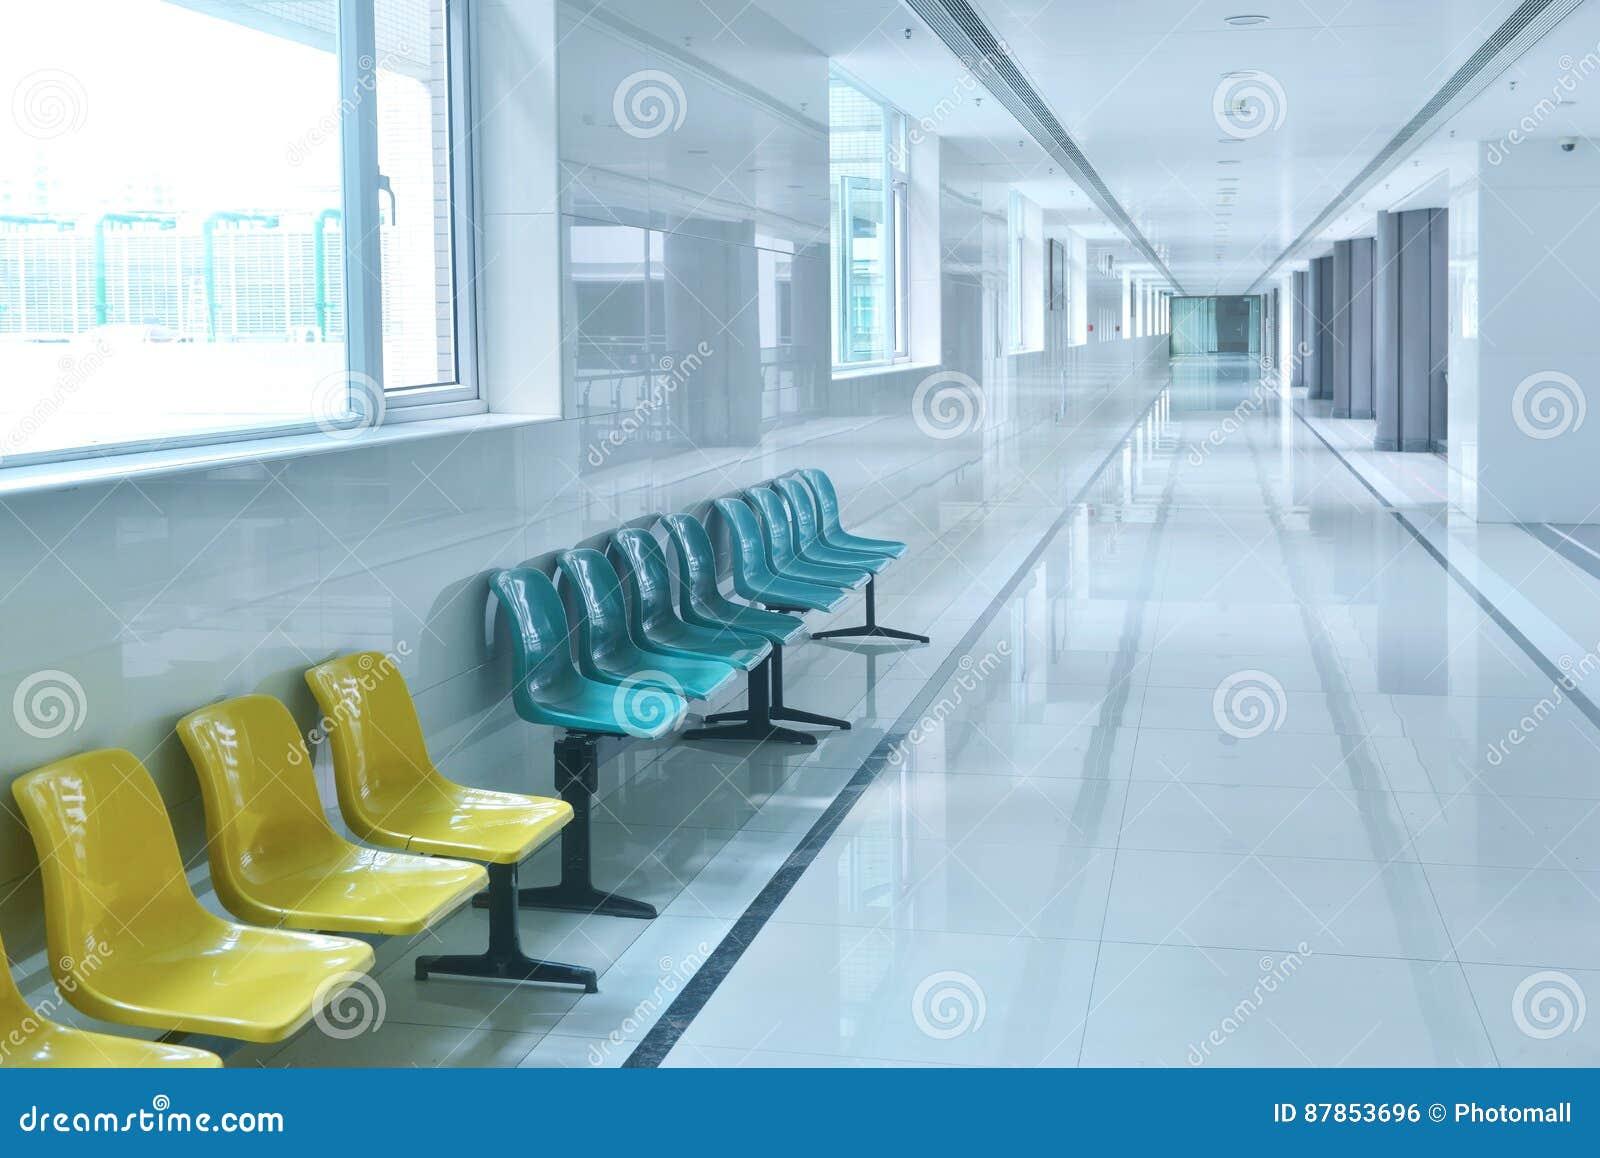 现代医院大厦走廊